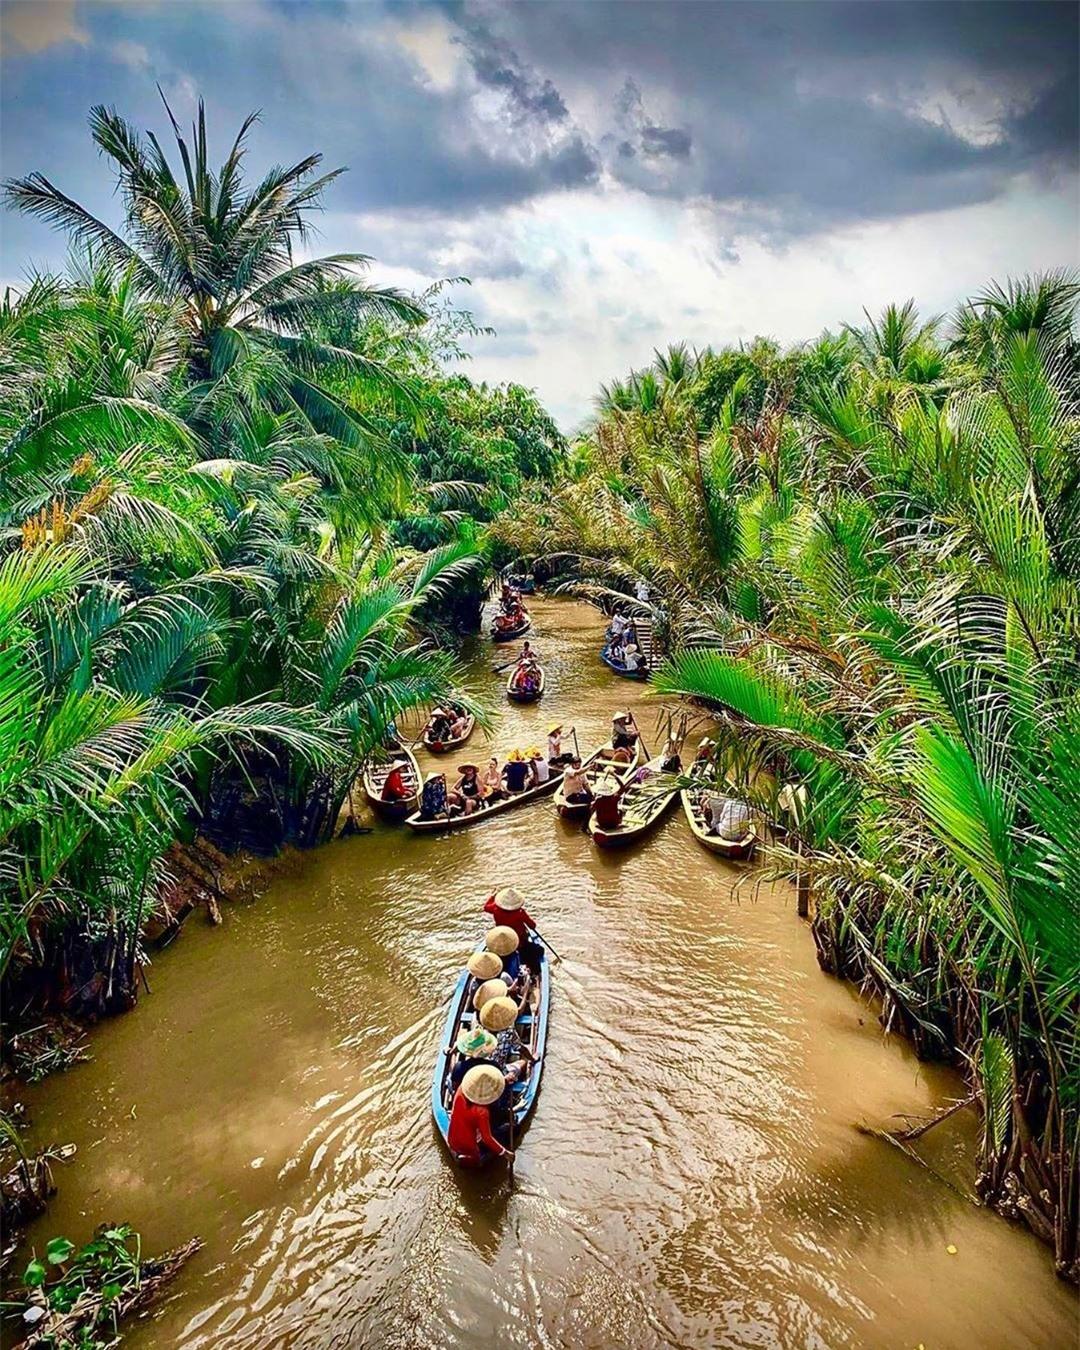 Hành trình khám phá nông thôn Việt Nam với 5 địa điểm nổi tiếng